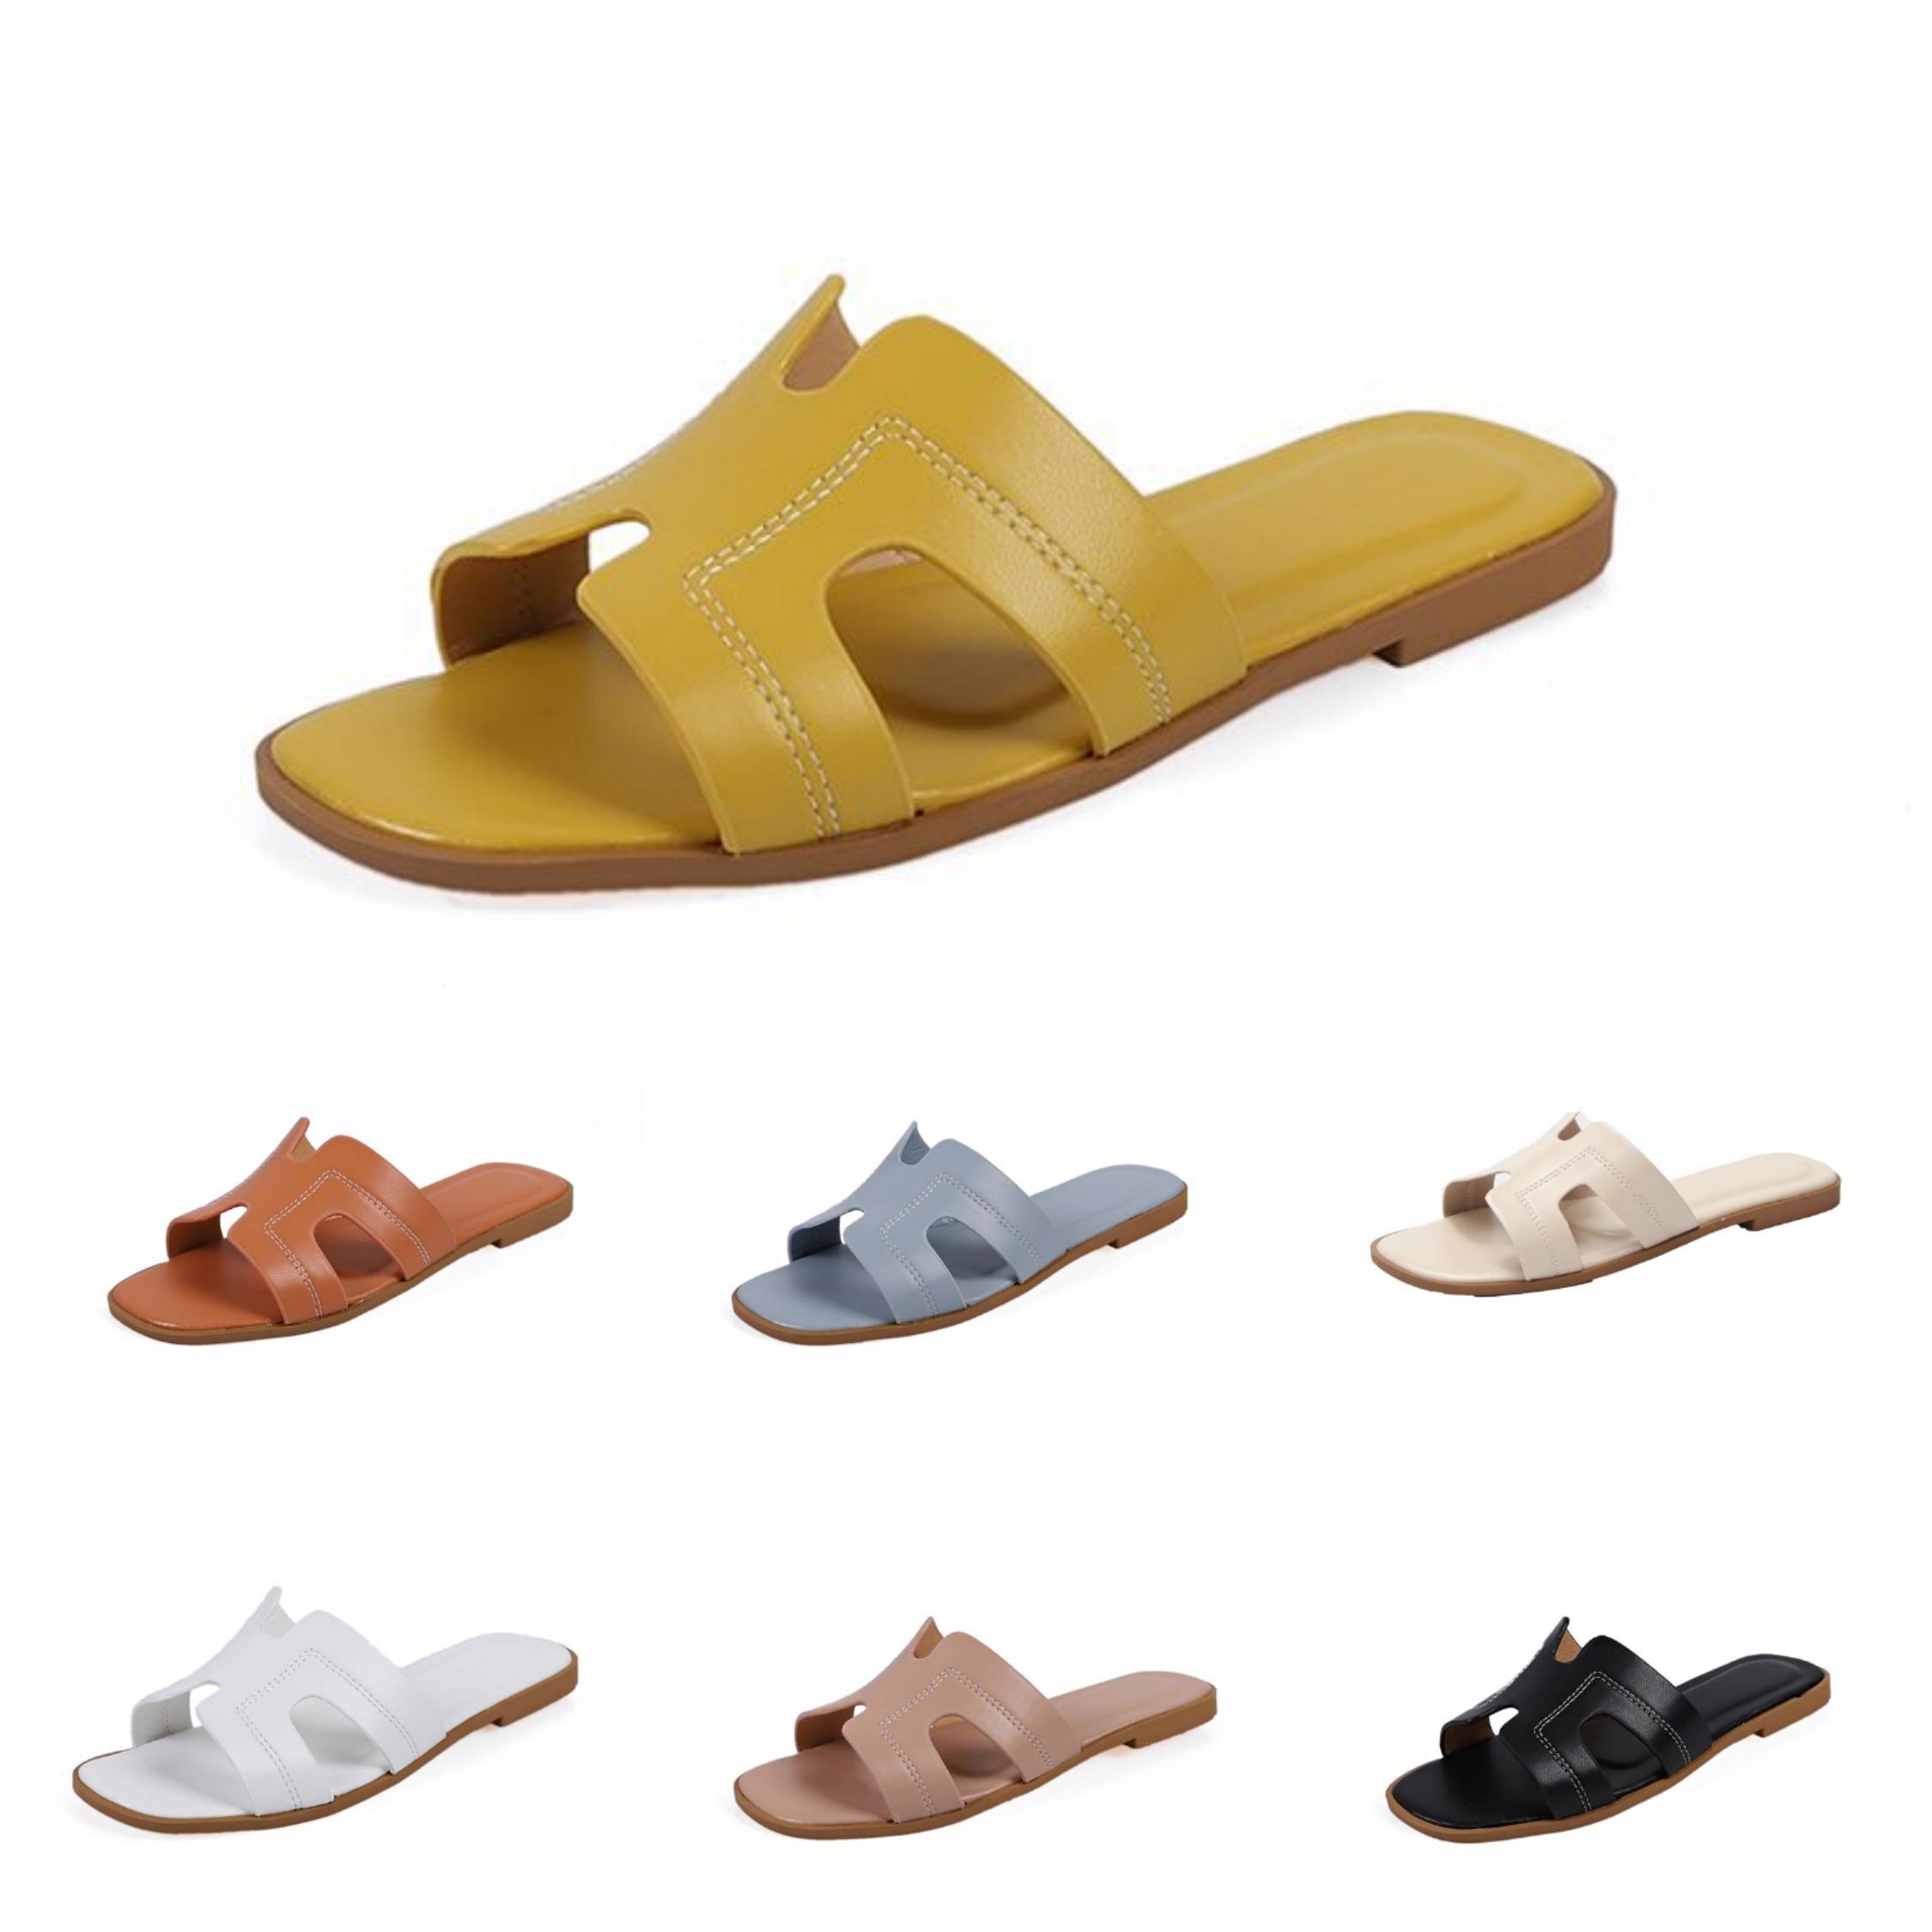 2020 Moda Yaz Prenses Papyon Terlik H Kızlar Rhinestone İnci Ayakkabı H Eva Yumuşak Alt Plaj Ayakkabı 1-6 Yıl # 895